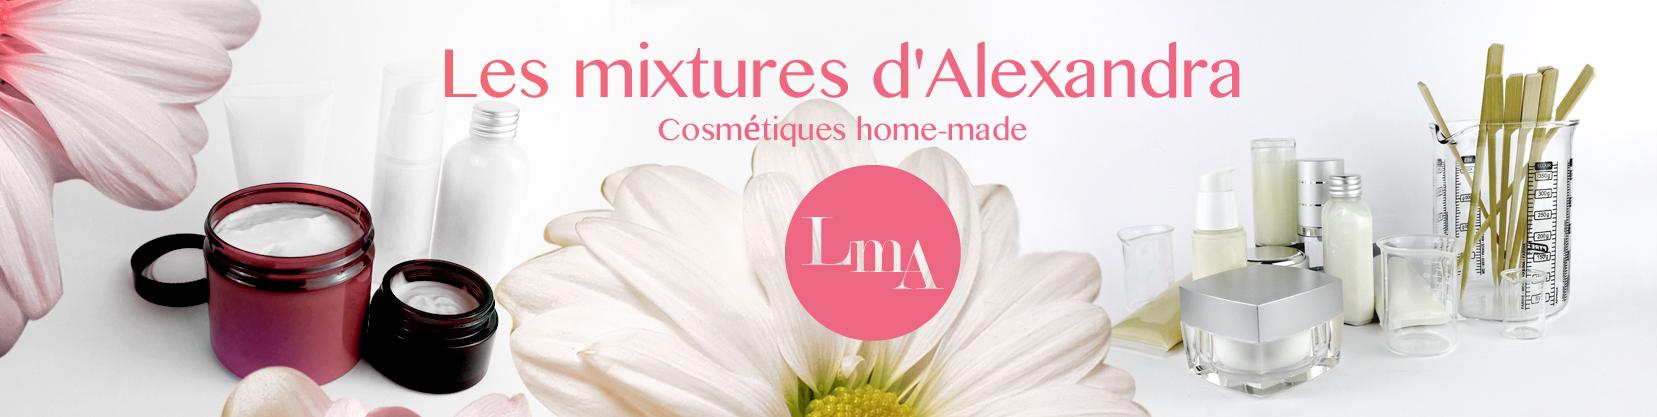 Les Mixtures d'Alexandra